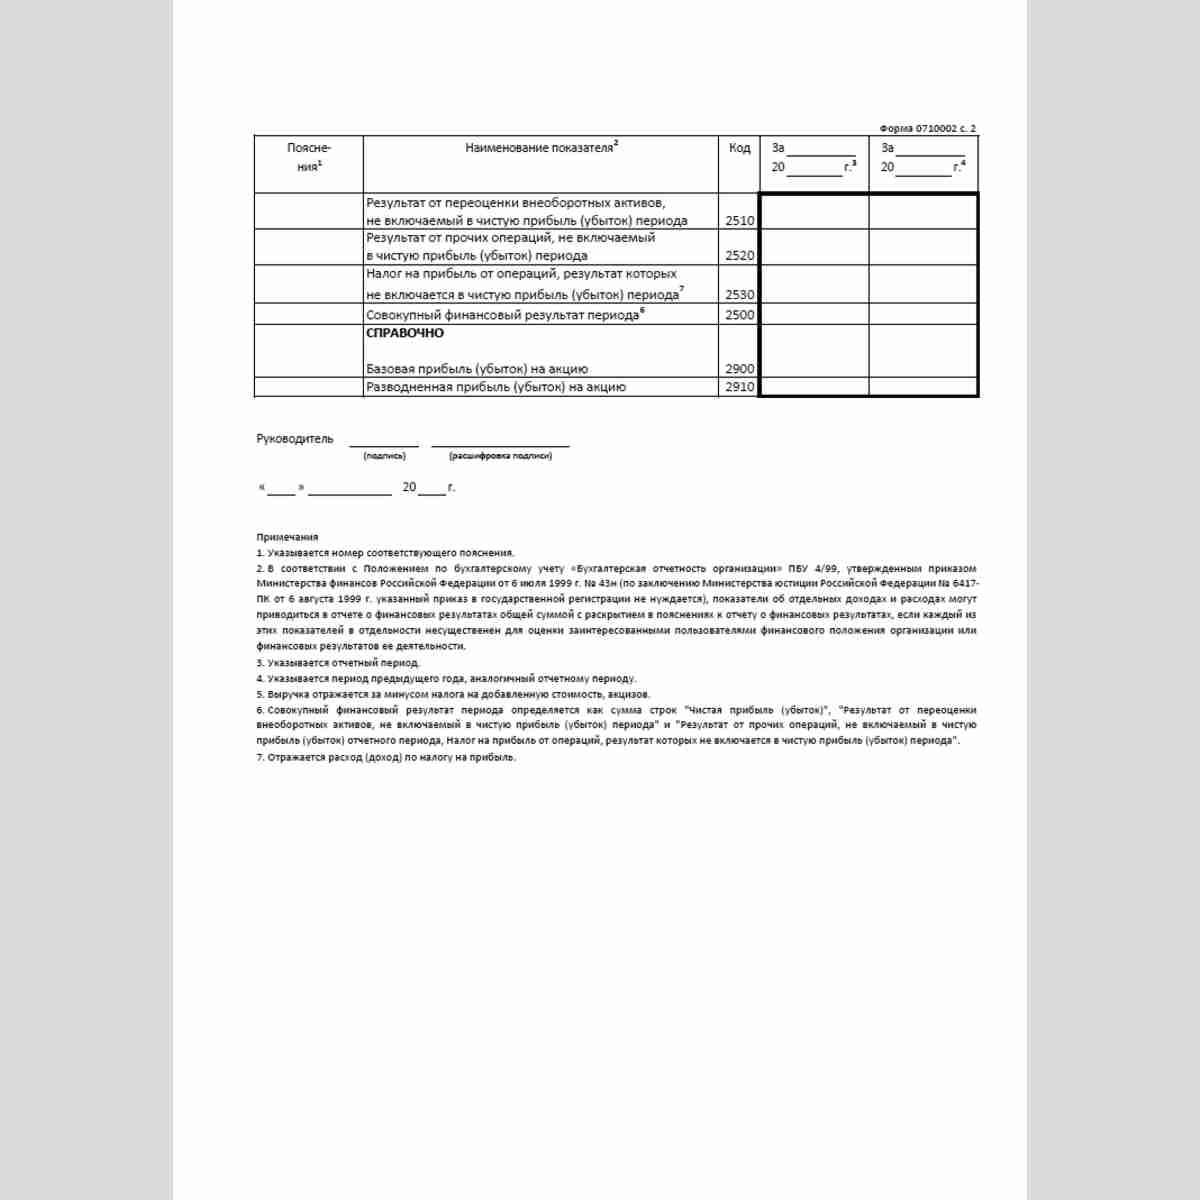 """Форма """"Отчет о финансовых результатах"""" (ОКУД 0710002). Стр. 2"""